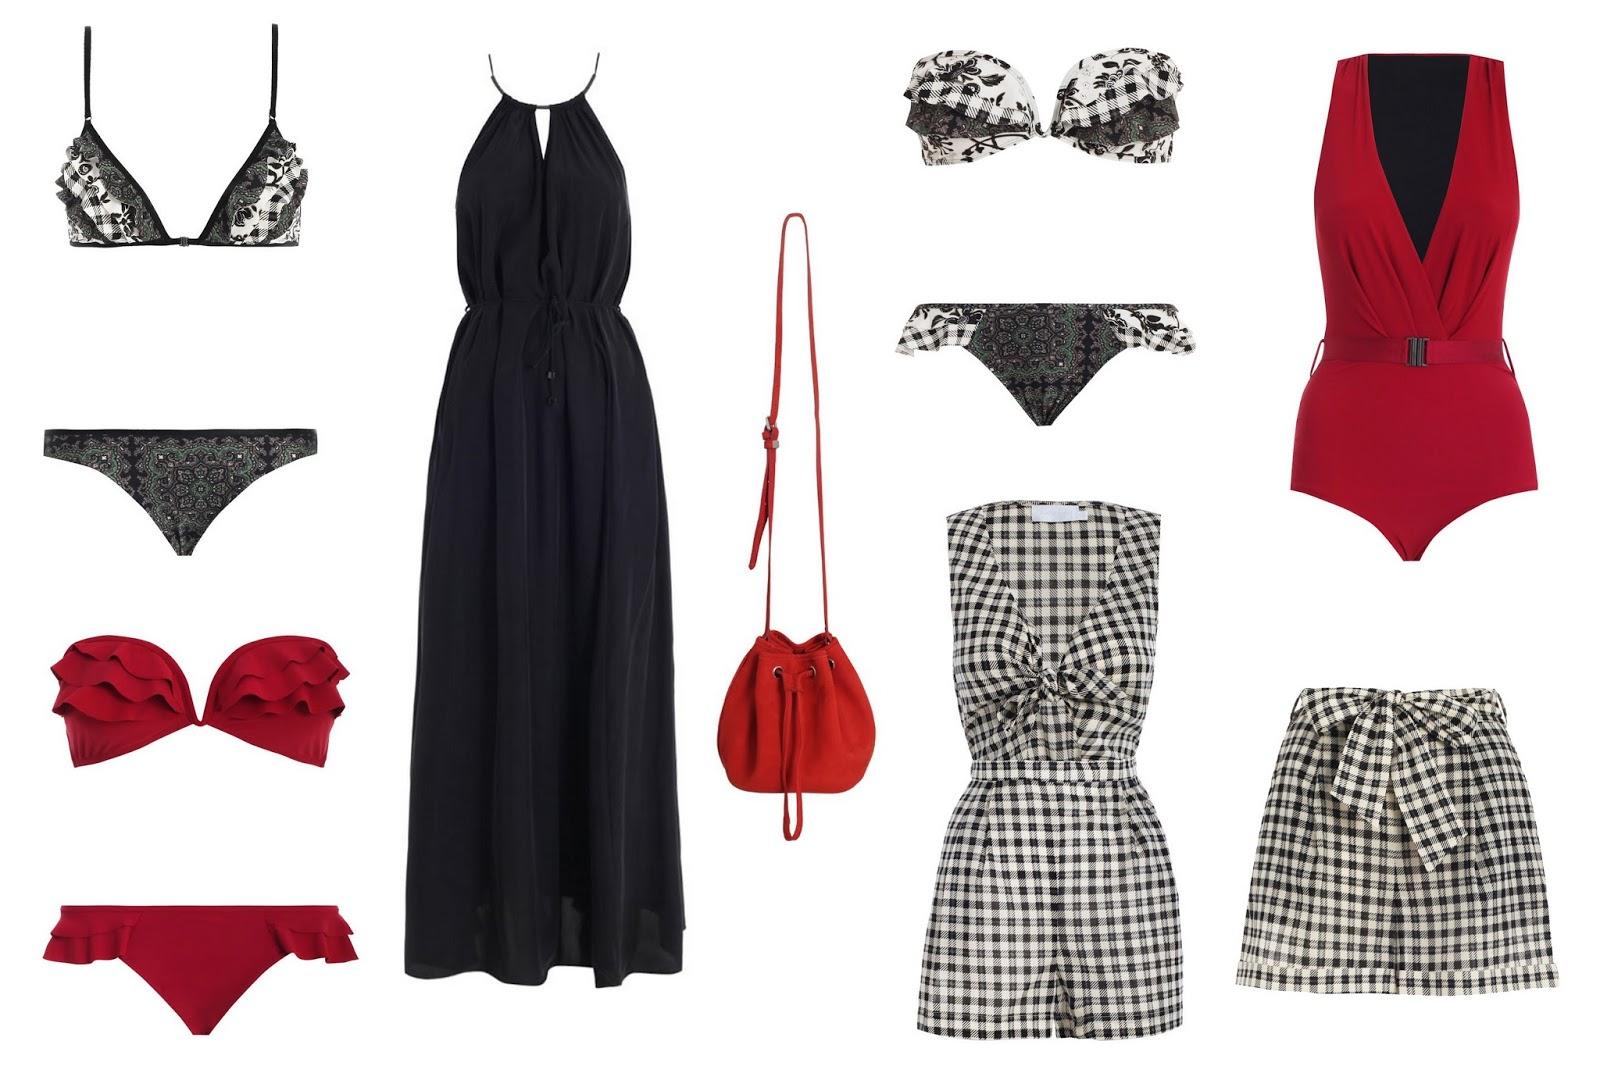 c11f95e971d Top to Bottom  Mystic frill tri-bikini  170. Red ruffled Mystic frill  bikini  160. Filigree black maxi dress  350. Red canvas crossbody bag  195.